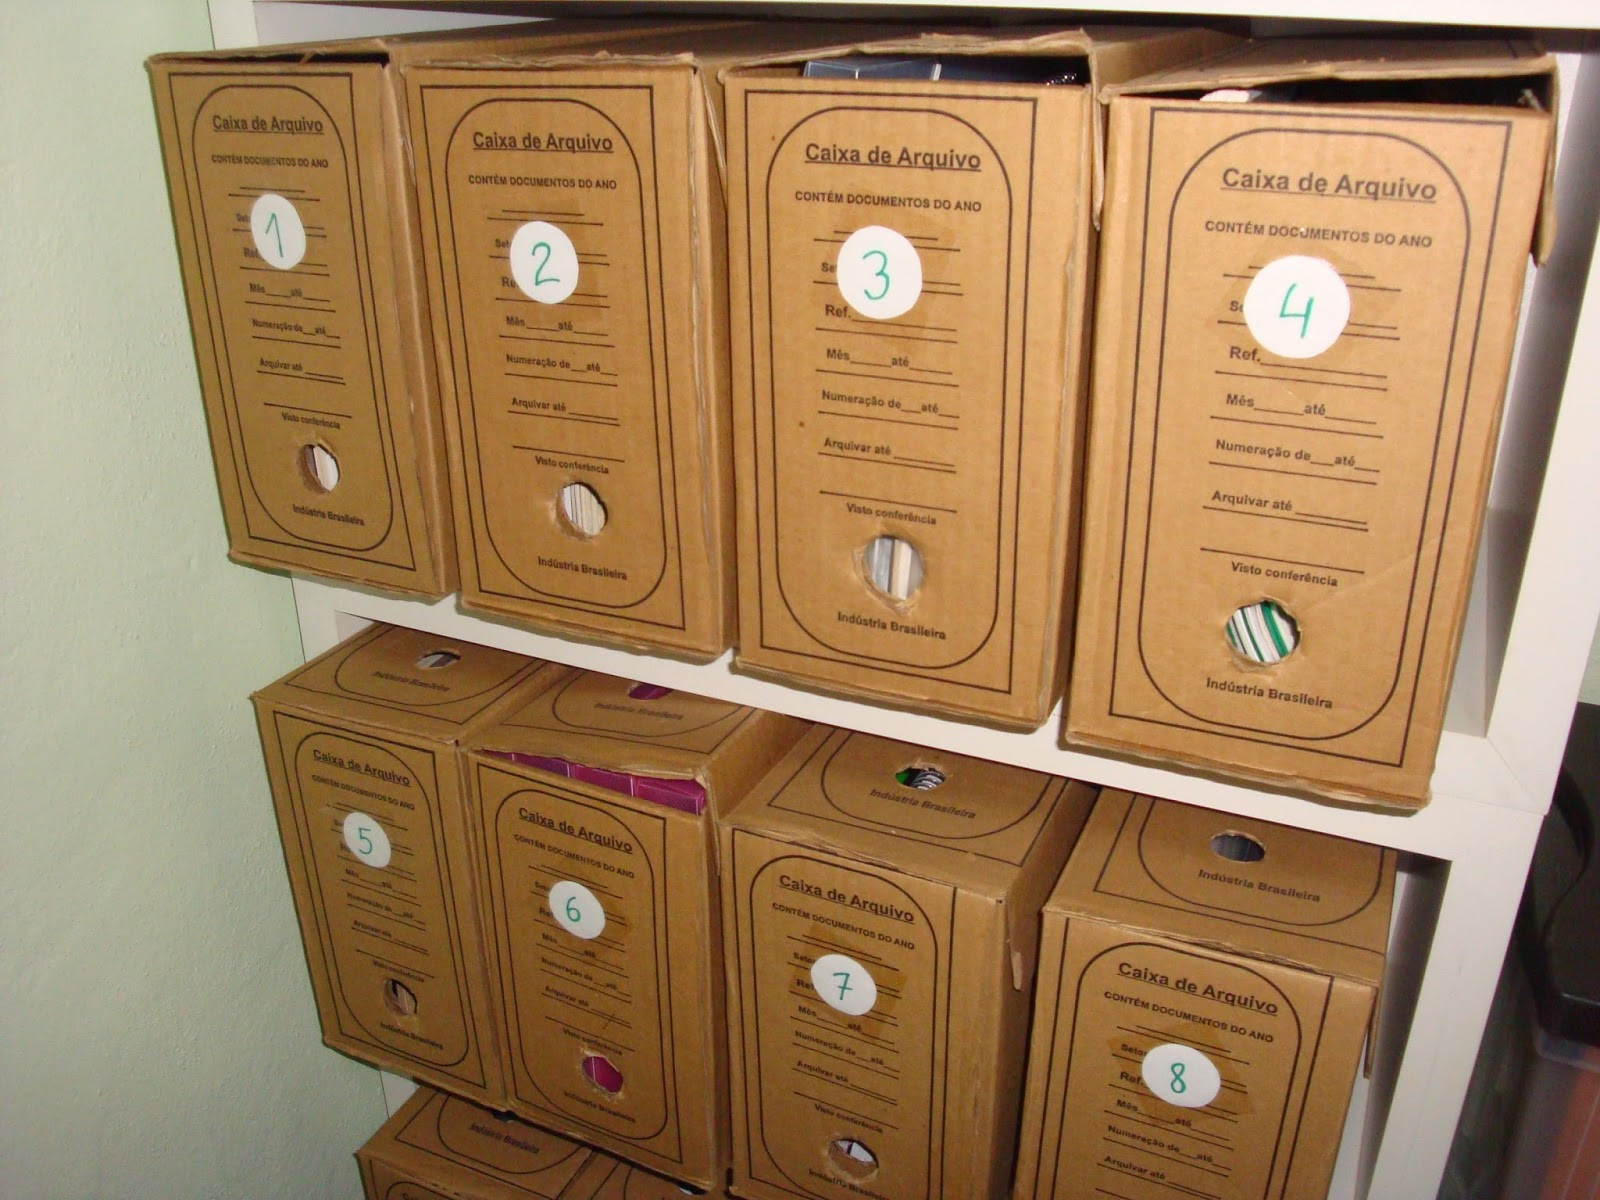 Caixas de Arquivo - Arquivo Intermediário